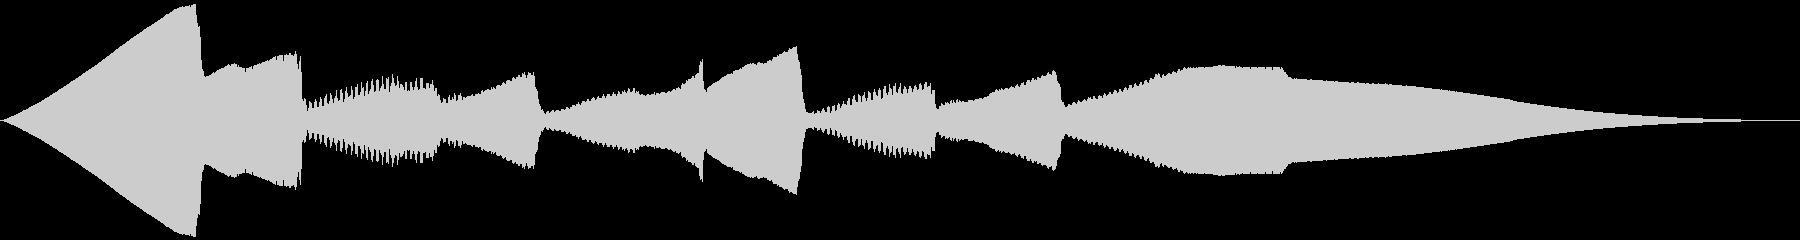 5秒CM用、ほのぼの家族verBの未再生の波形